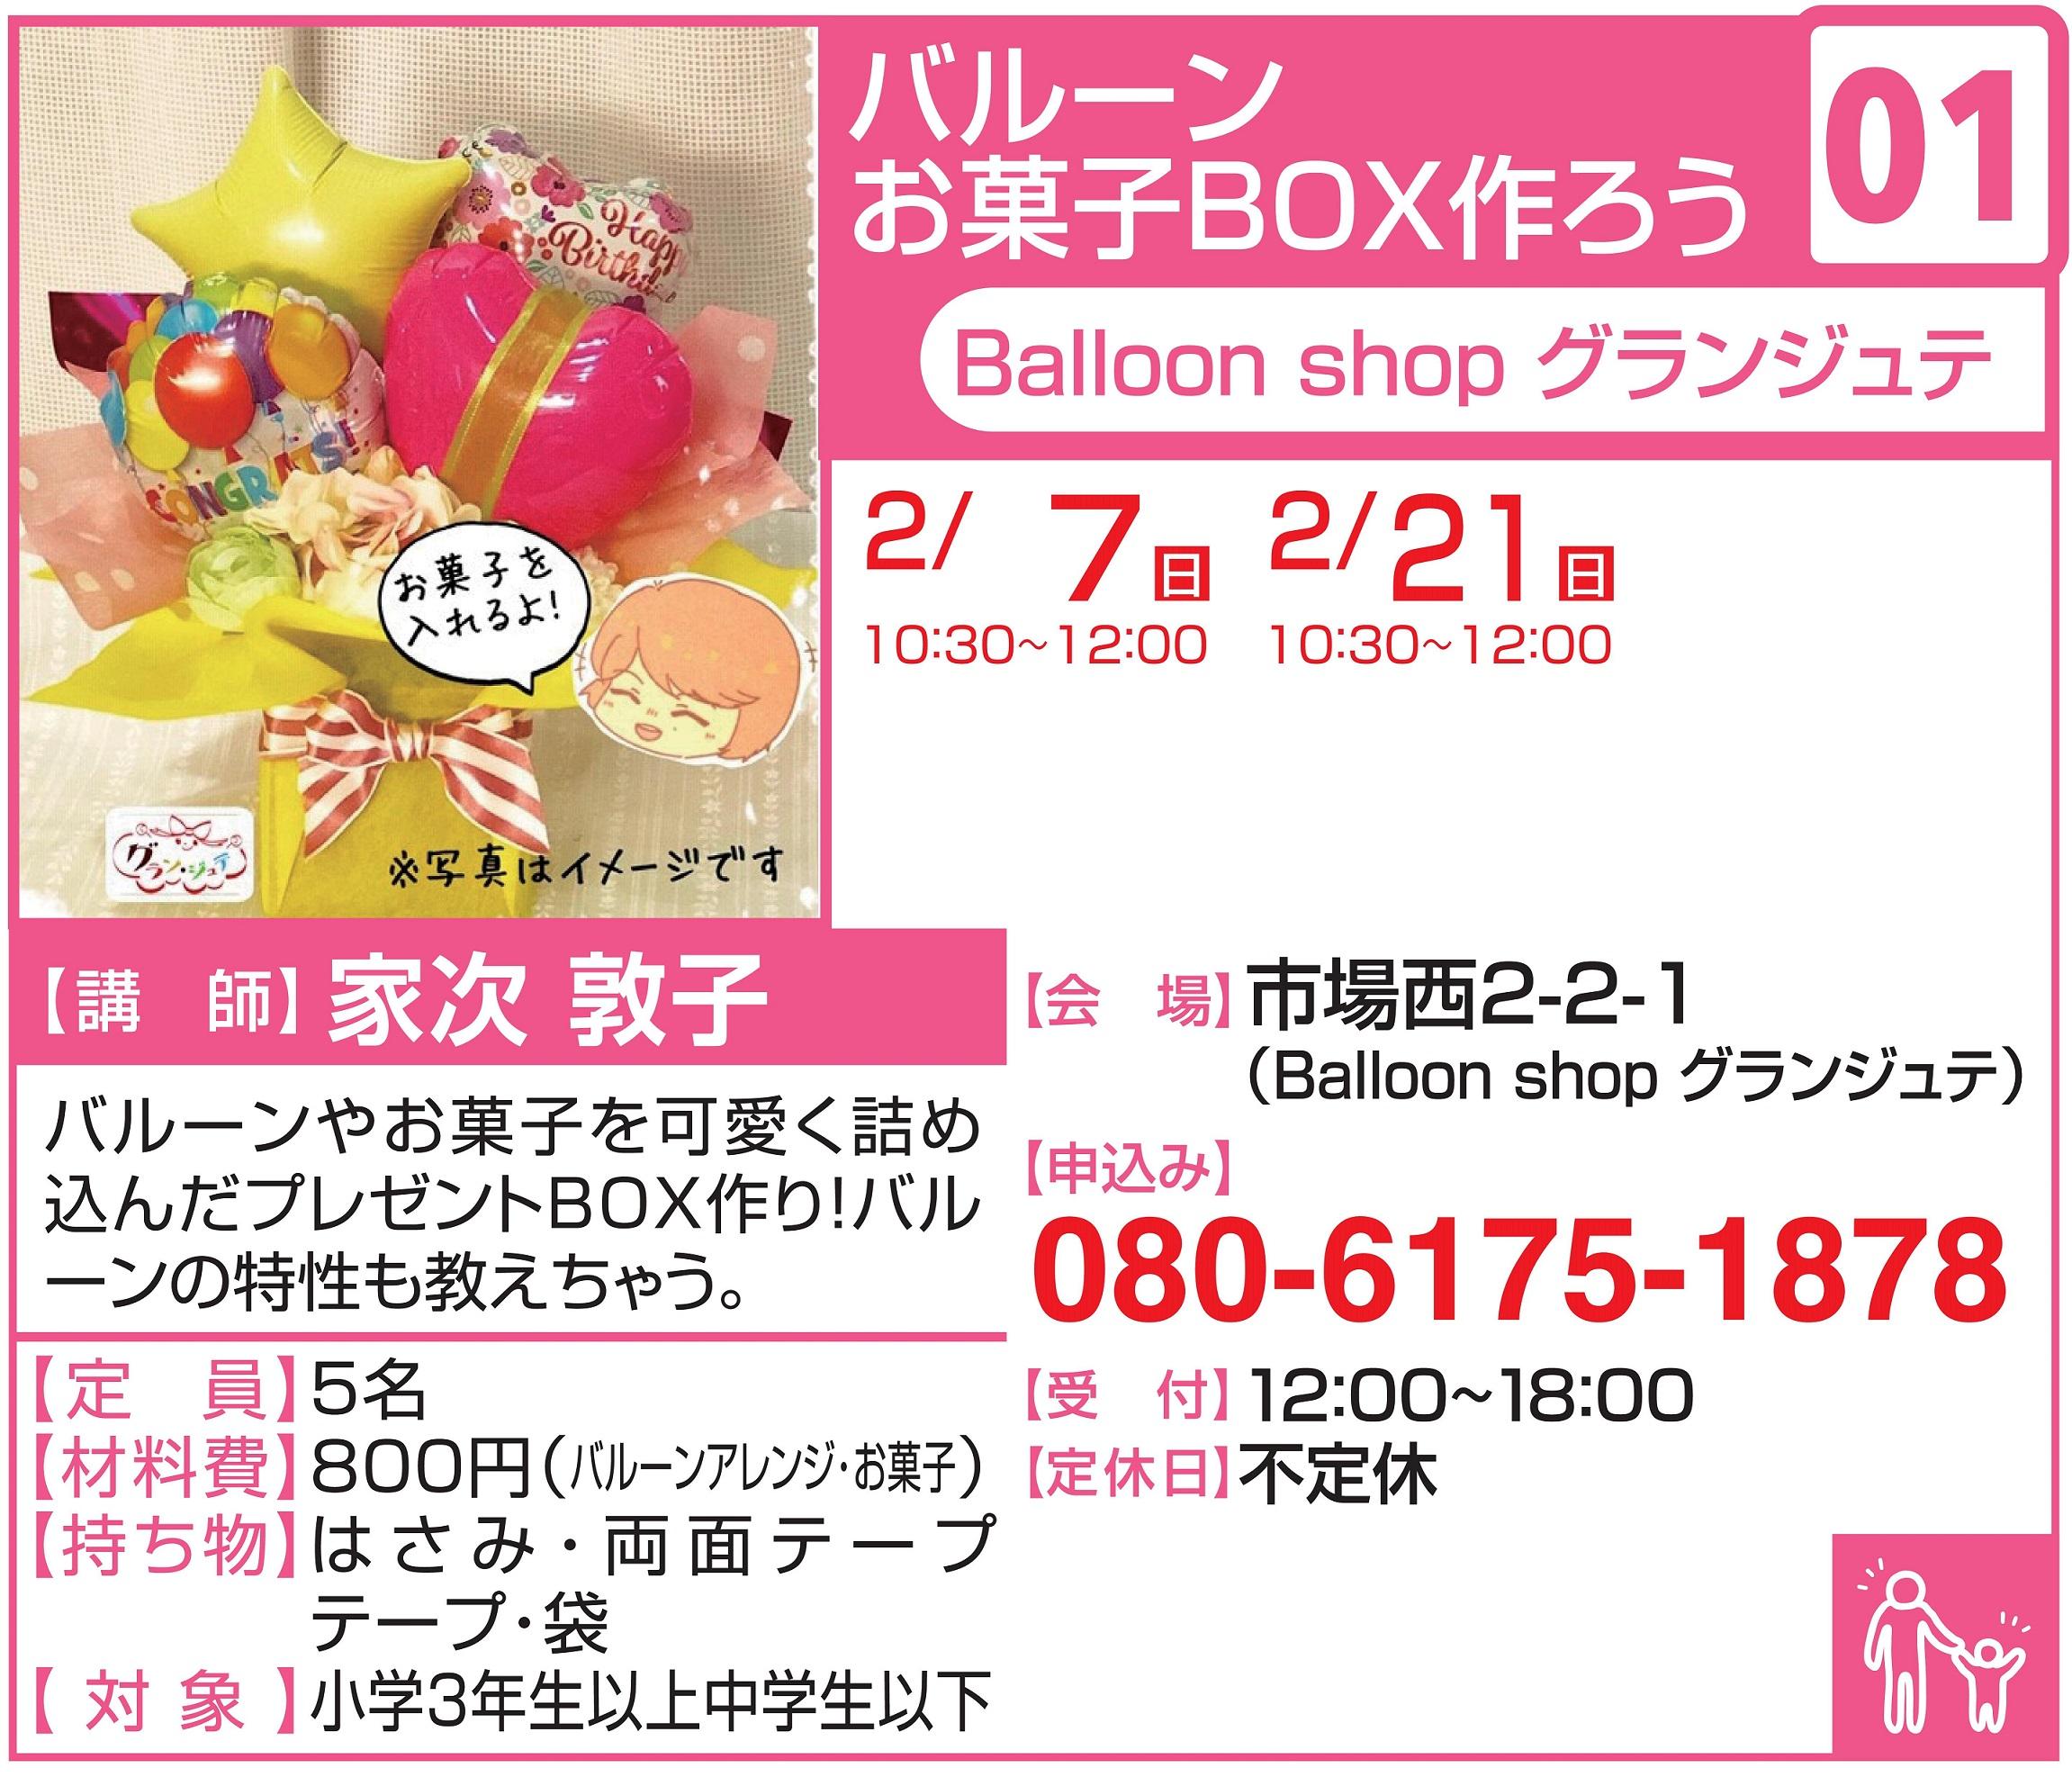 バルーンお菓子BOX作ろう